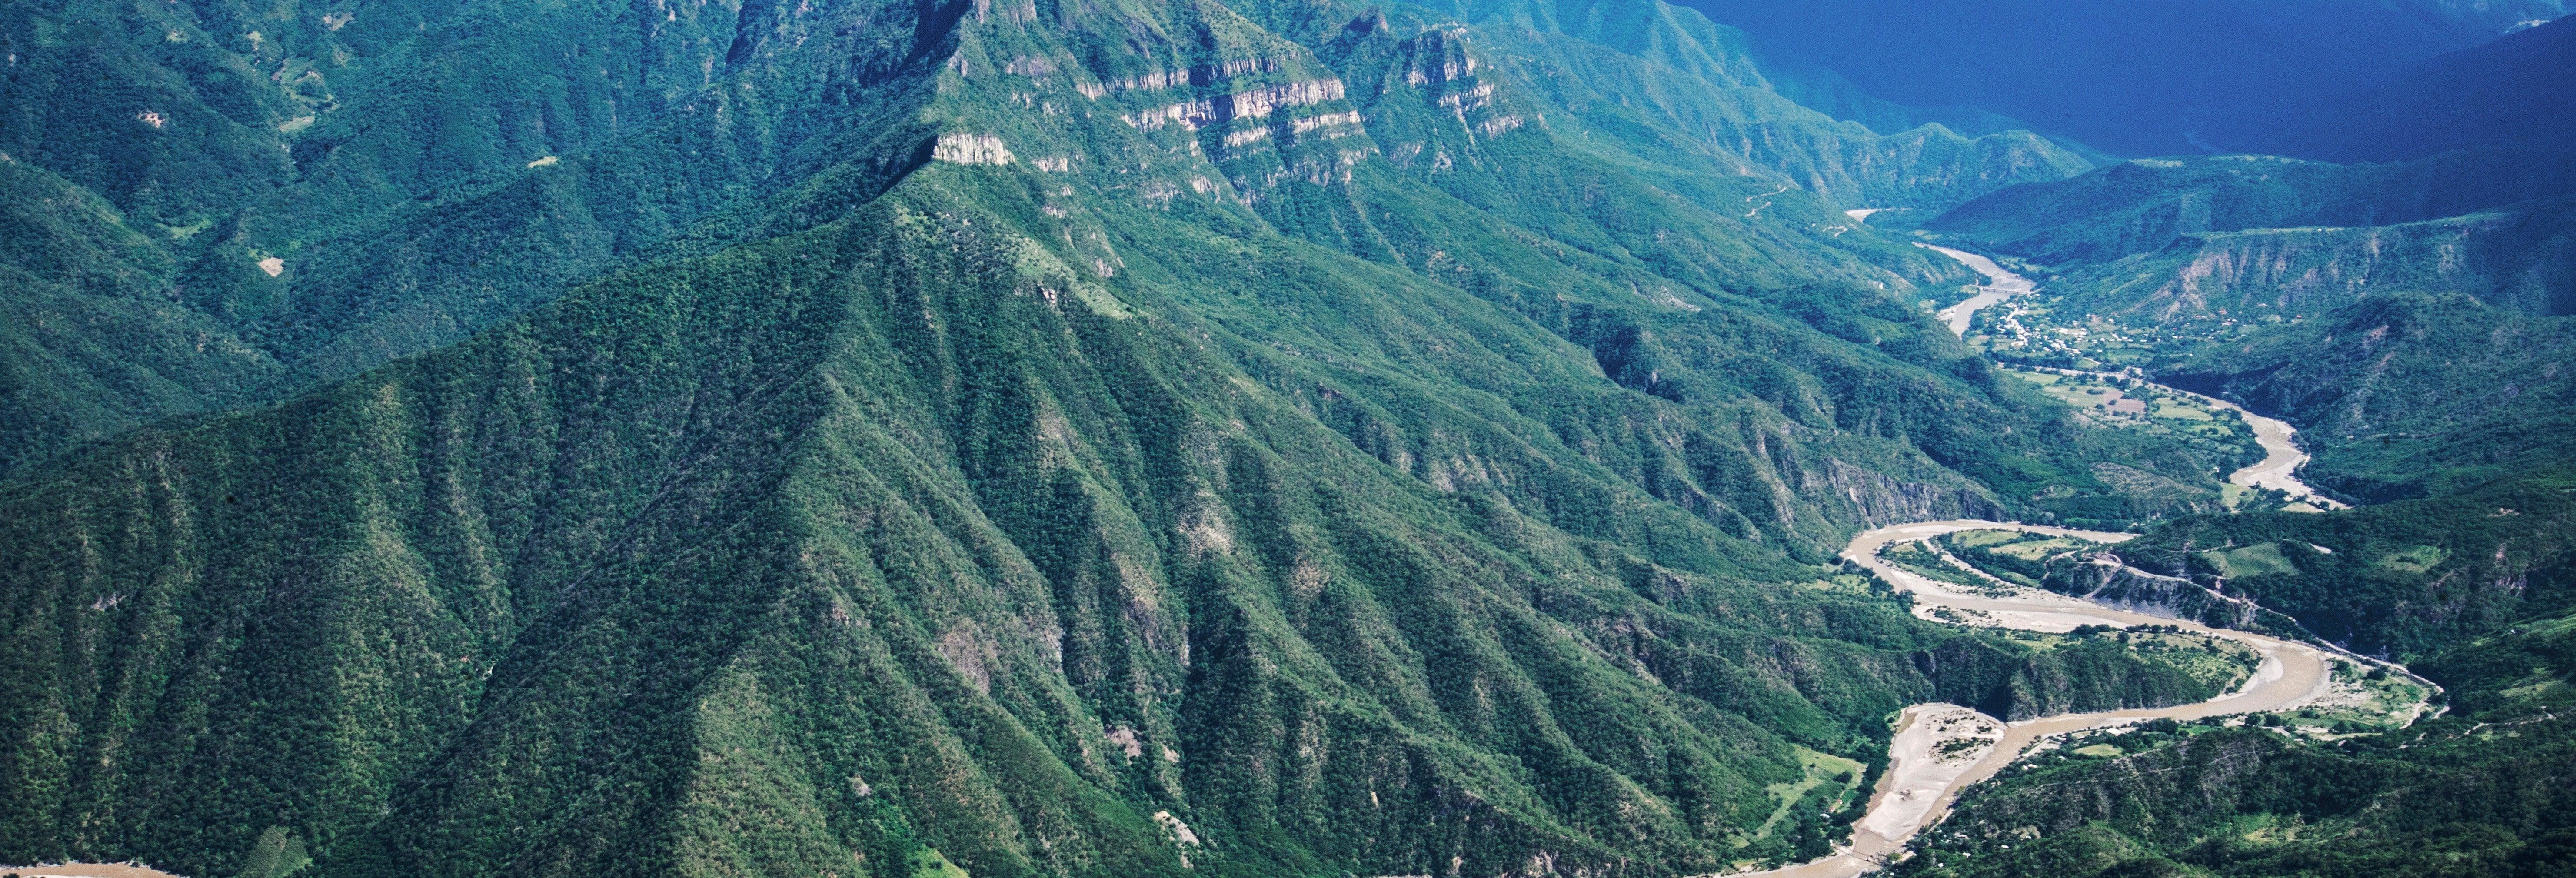 Excursión al Mirador Cerro del Gallego